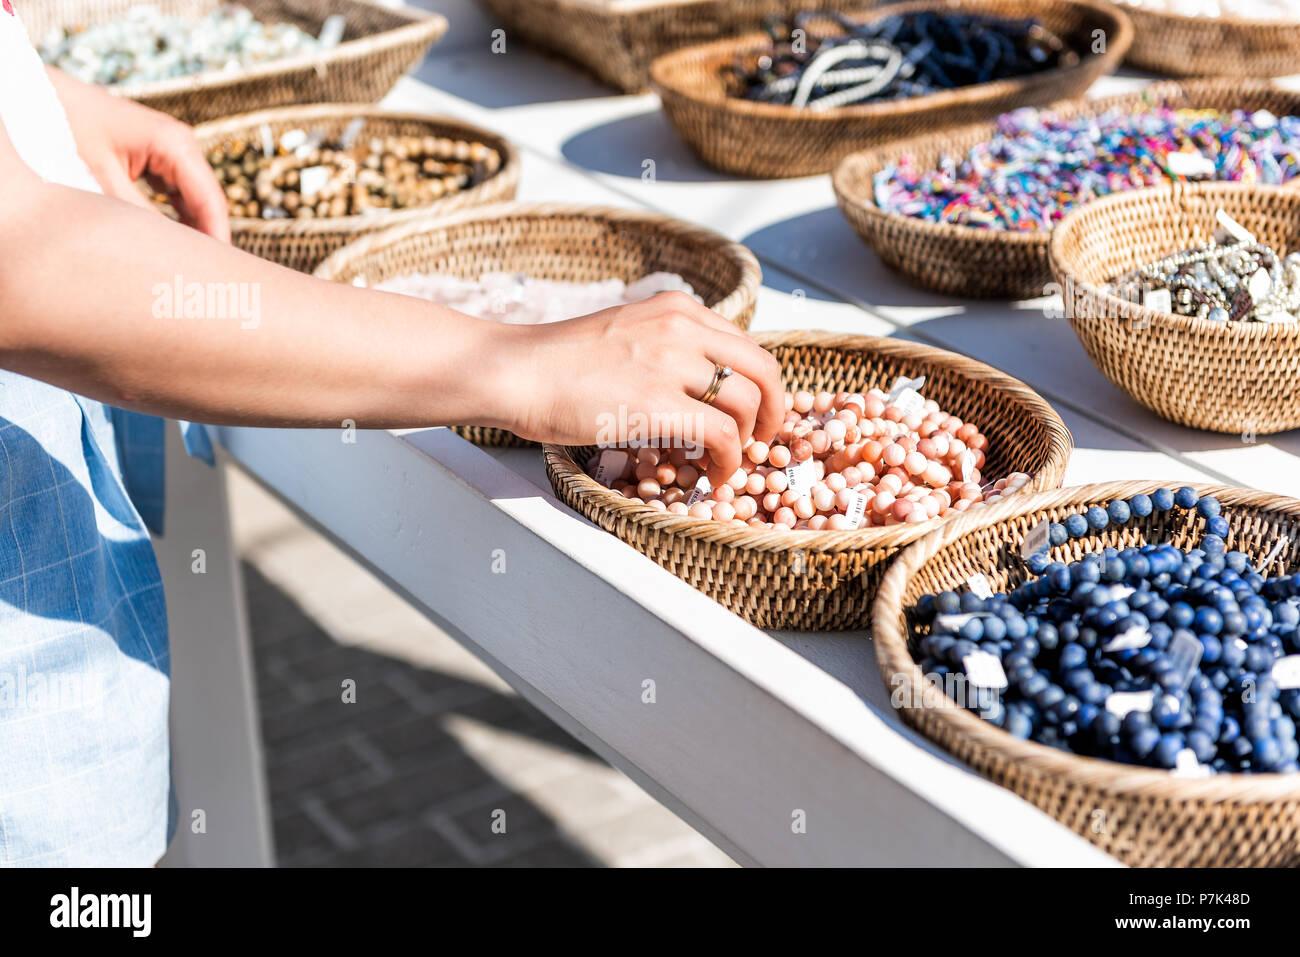 Primer plano de una mujer joven para compras de coloridas pulseras de playa de piedra tocando la mano en el mercado al aire libre tienda en Europa, Grecia, Italia, Mediterranea Imagen De Stock